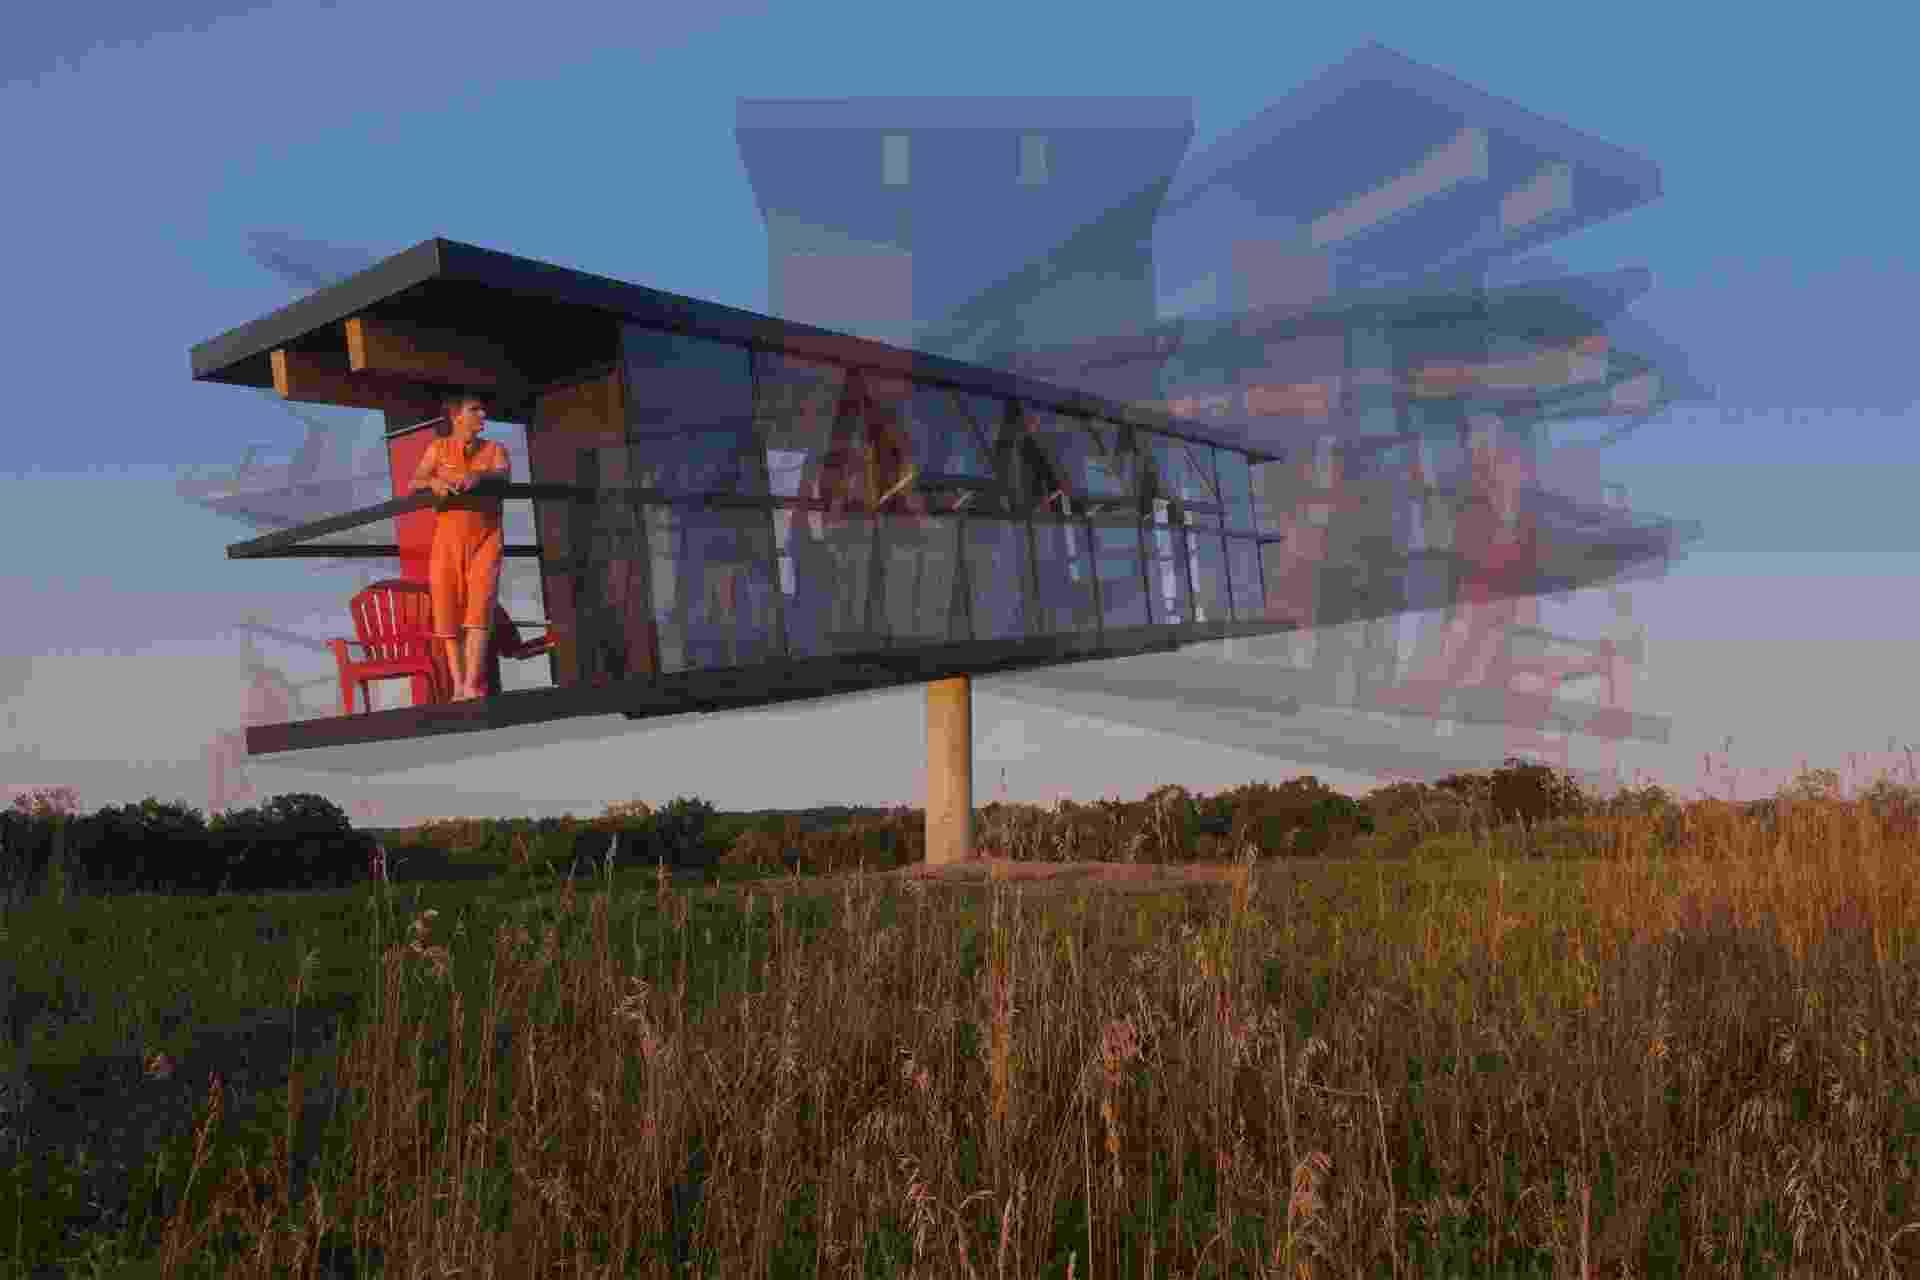 ReActor - Para demonstrar a relação entre a arquitetura e a vida das pessoas, a dupla de artistas Alex Schweder e Ward Shelley resolveu passar cinco dias em uma casa com 32,16 m². Nada demais, se a construção não fosse uma espécie de gangorra. A estrutura gira 360º, está apoiada em uma coluna a 4 m de altura e se movimenta de acordo com o vento e as ações de seus dois moradores - Richard Barnes/Divulgação